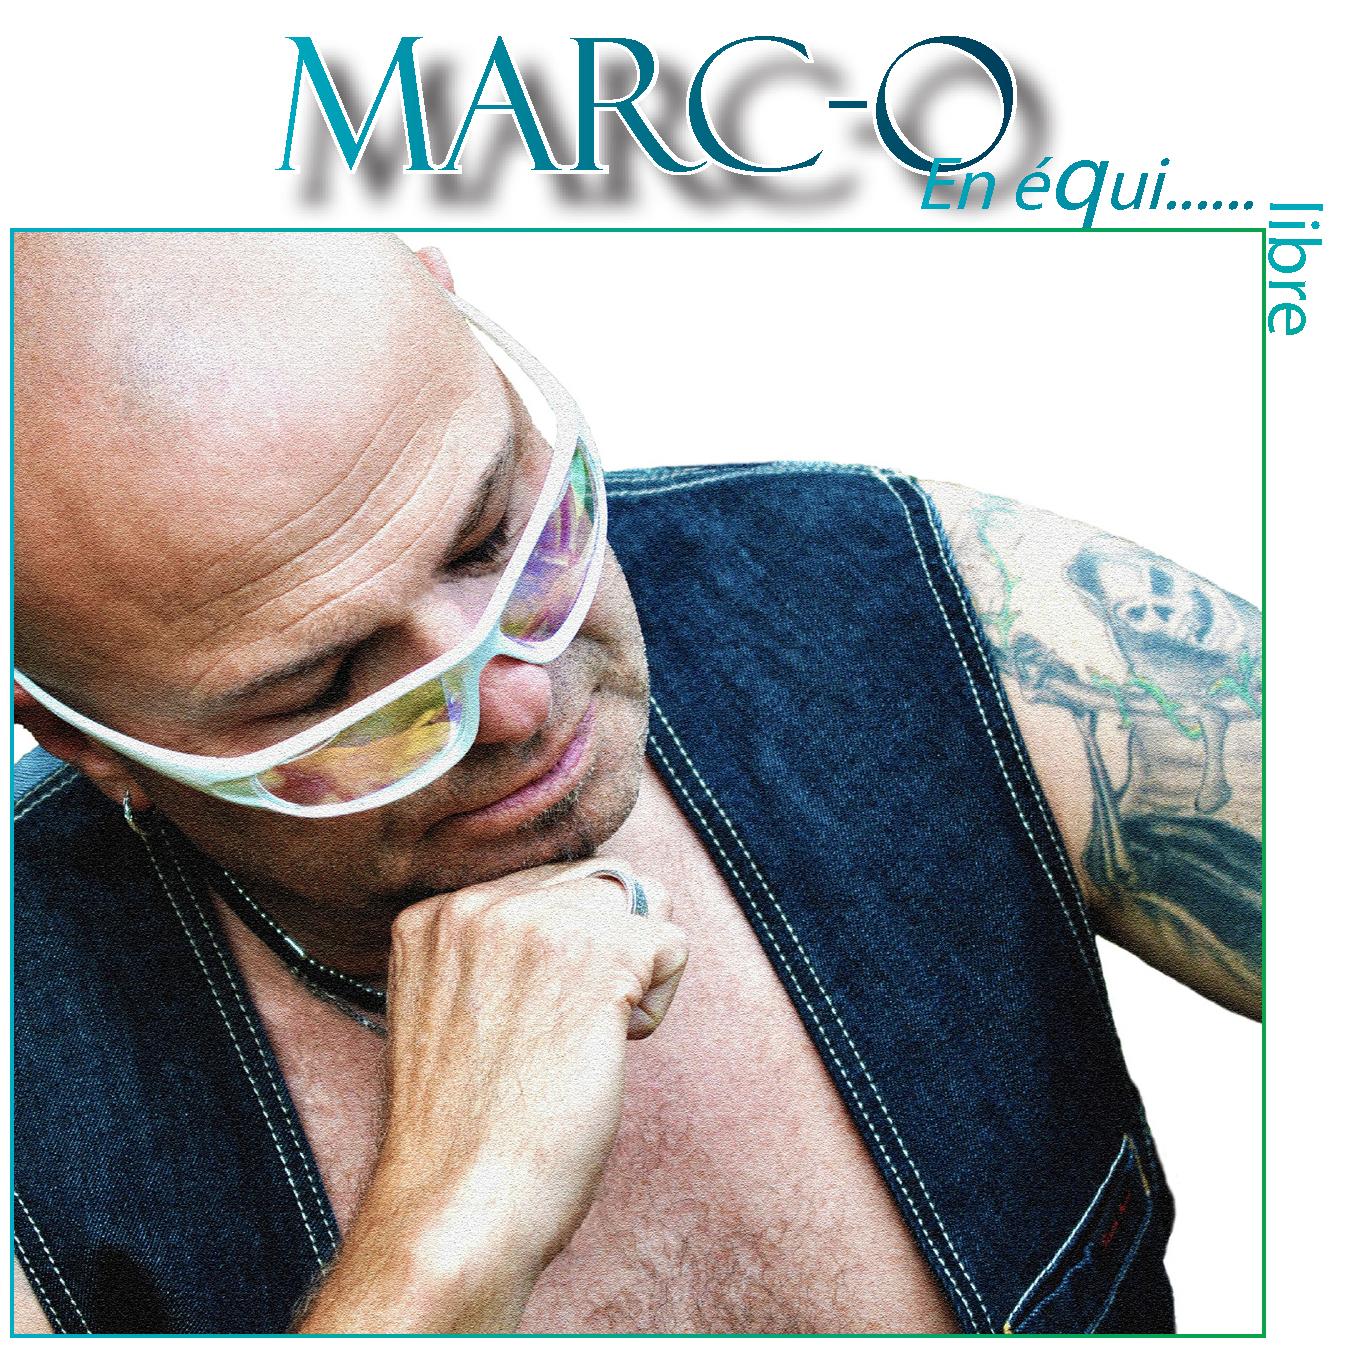 Marc-O